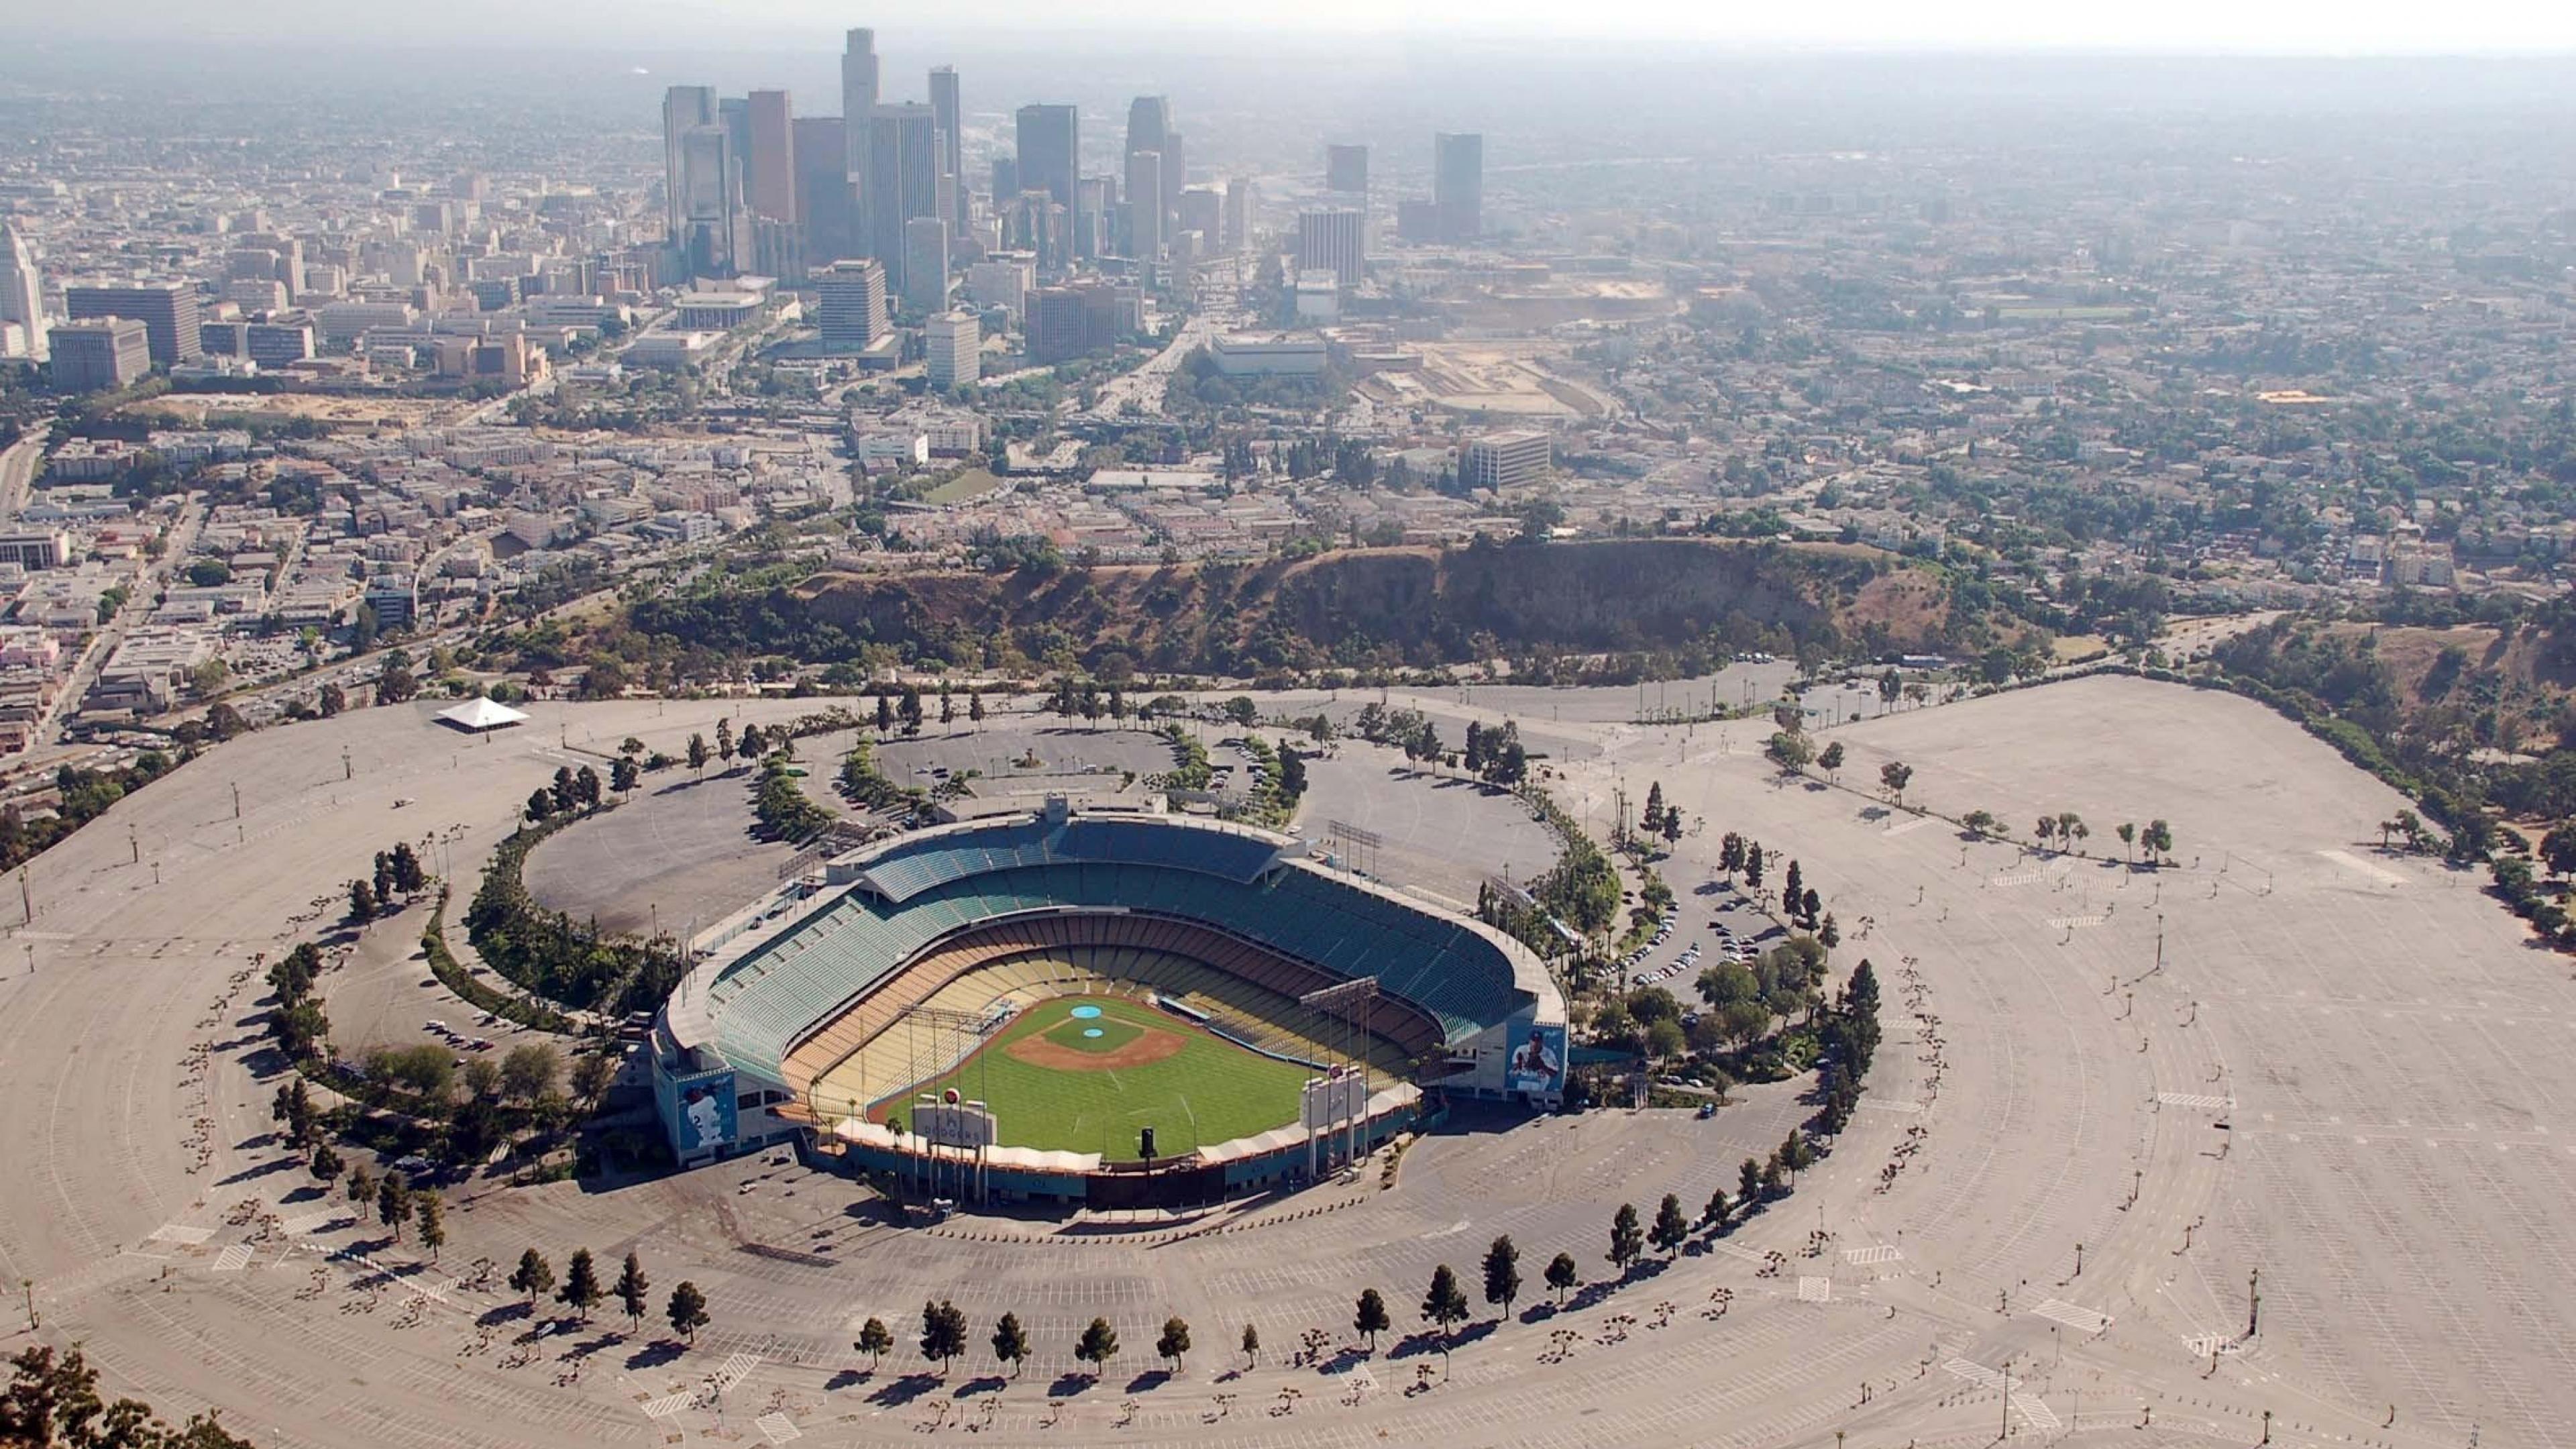 wallpaper.wiki-Image-of-Baseball-Stadium-PIC-WPB0015670